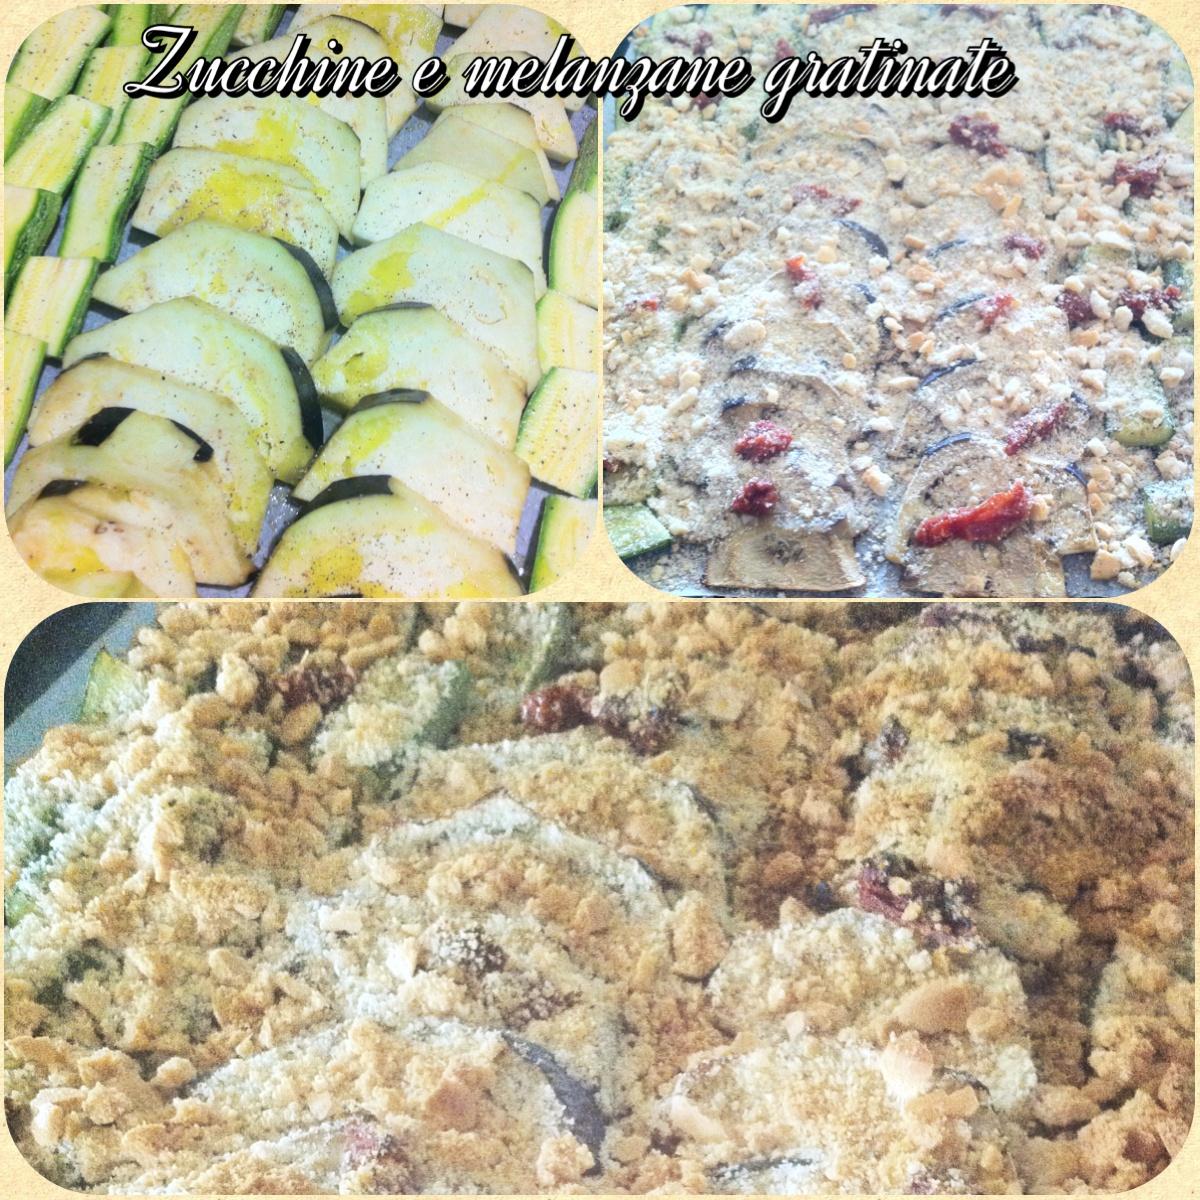 zucchine-e-melanzane-gratinate.JPG